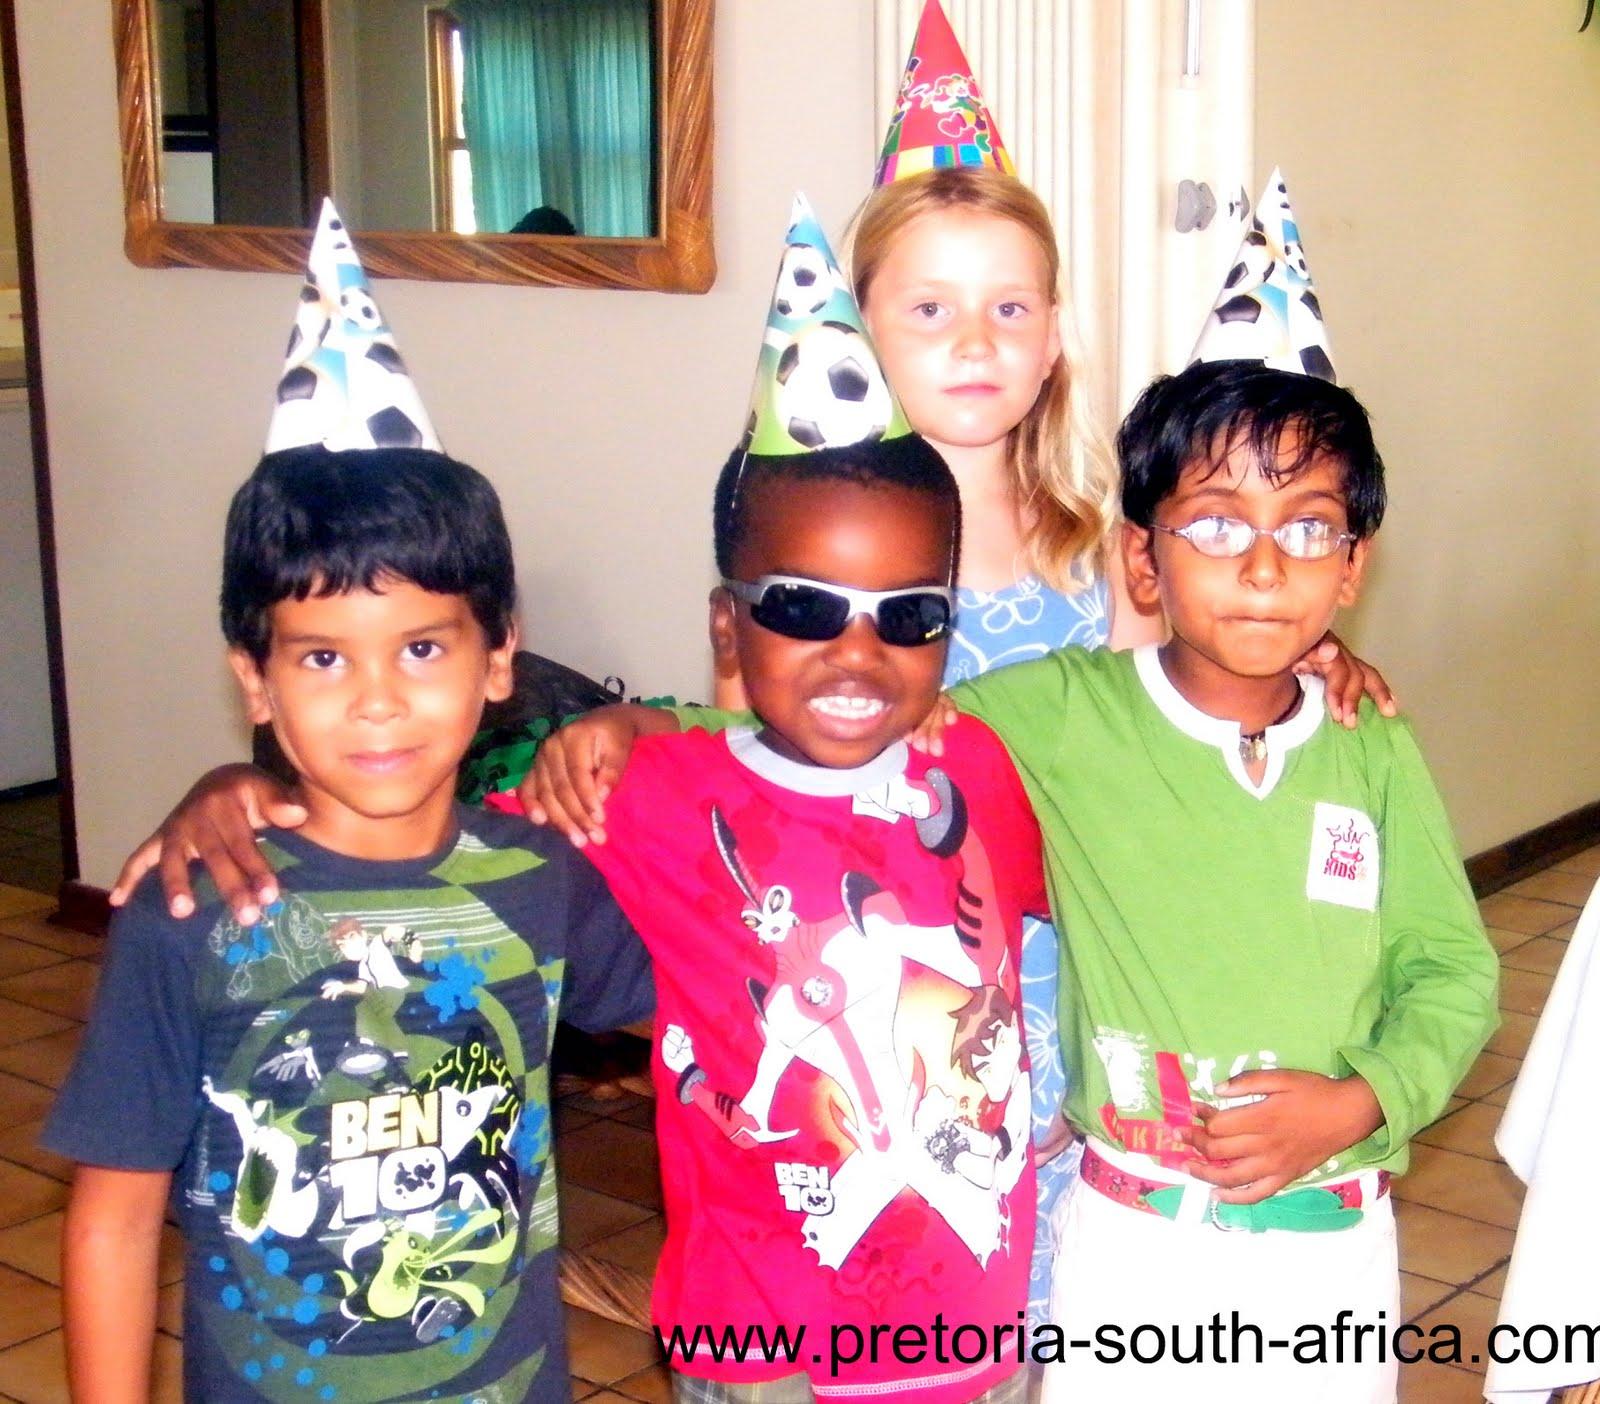 http://1.bp.blogspot.com/_7X4kIP-n1ZQ/S7A8AMiya-I/AAAAAAAAAIA/ubzmUltaI28/s1600/birthday15.jpg